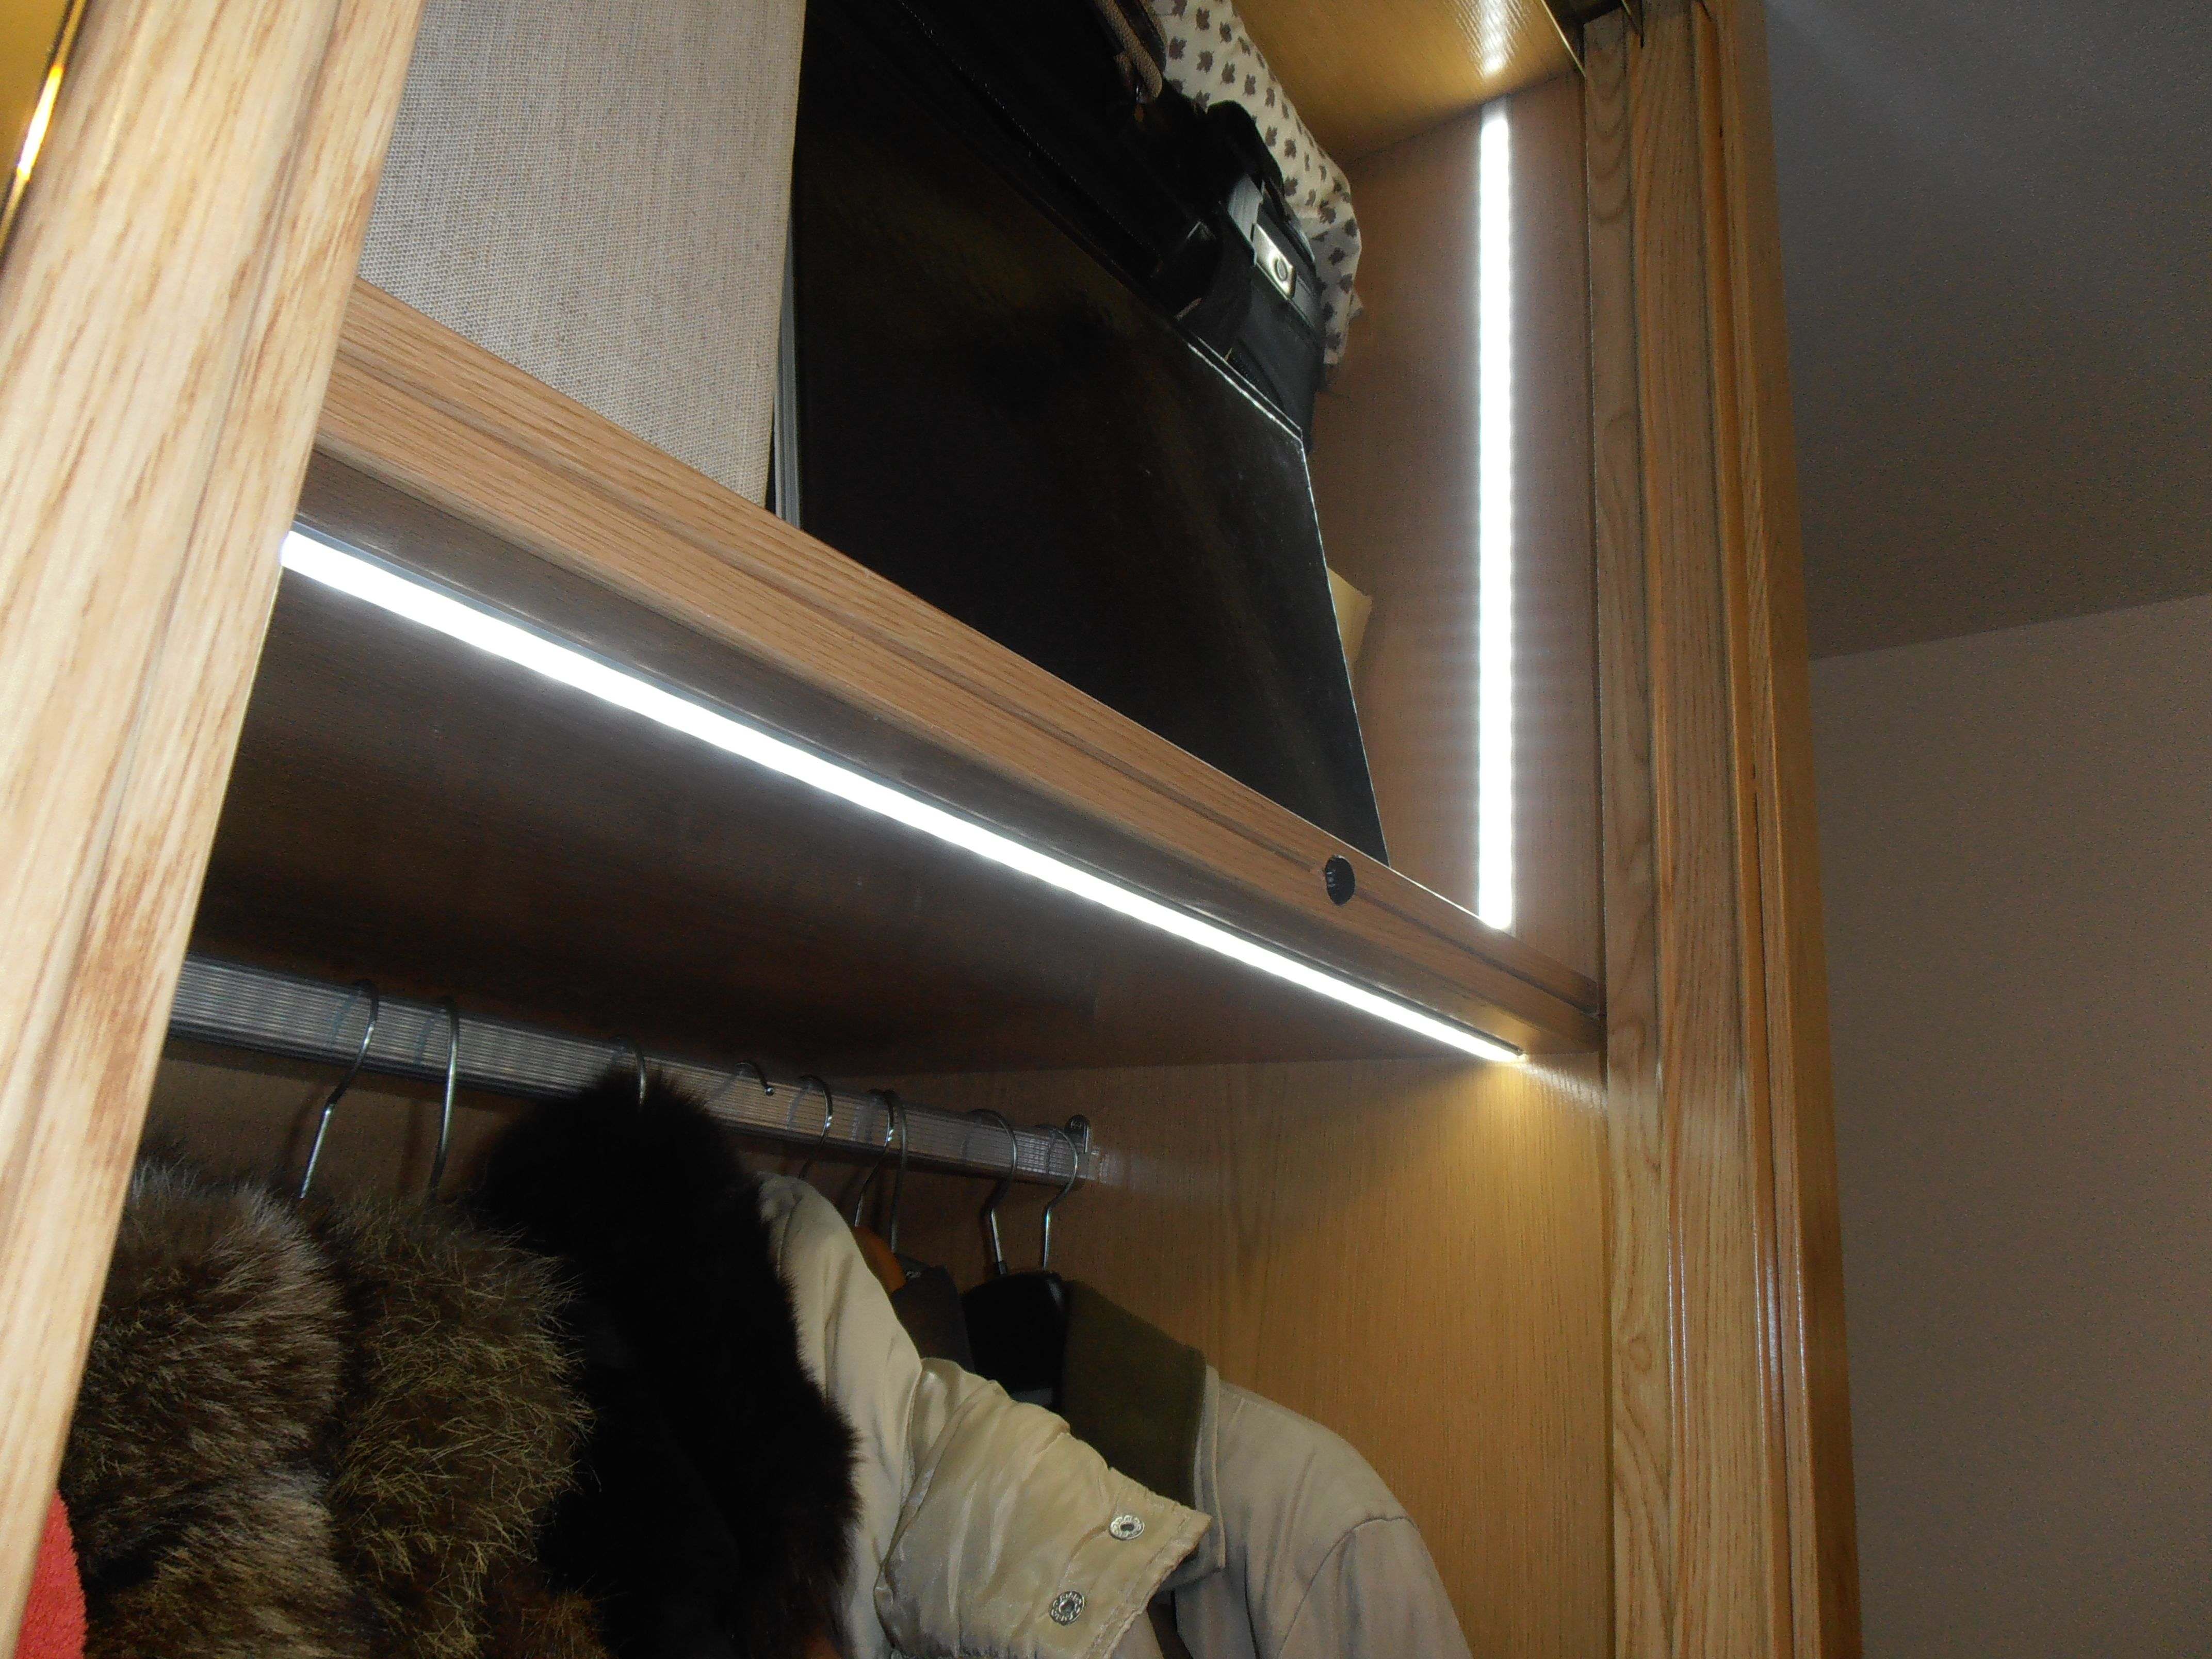 Instalaci n de iluminaci n en armario empotrado mediante - Iluminacion interior led ...